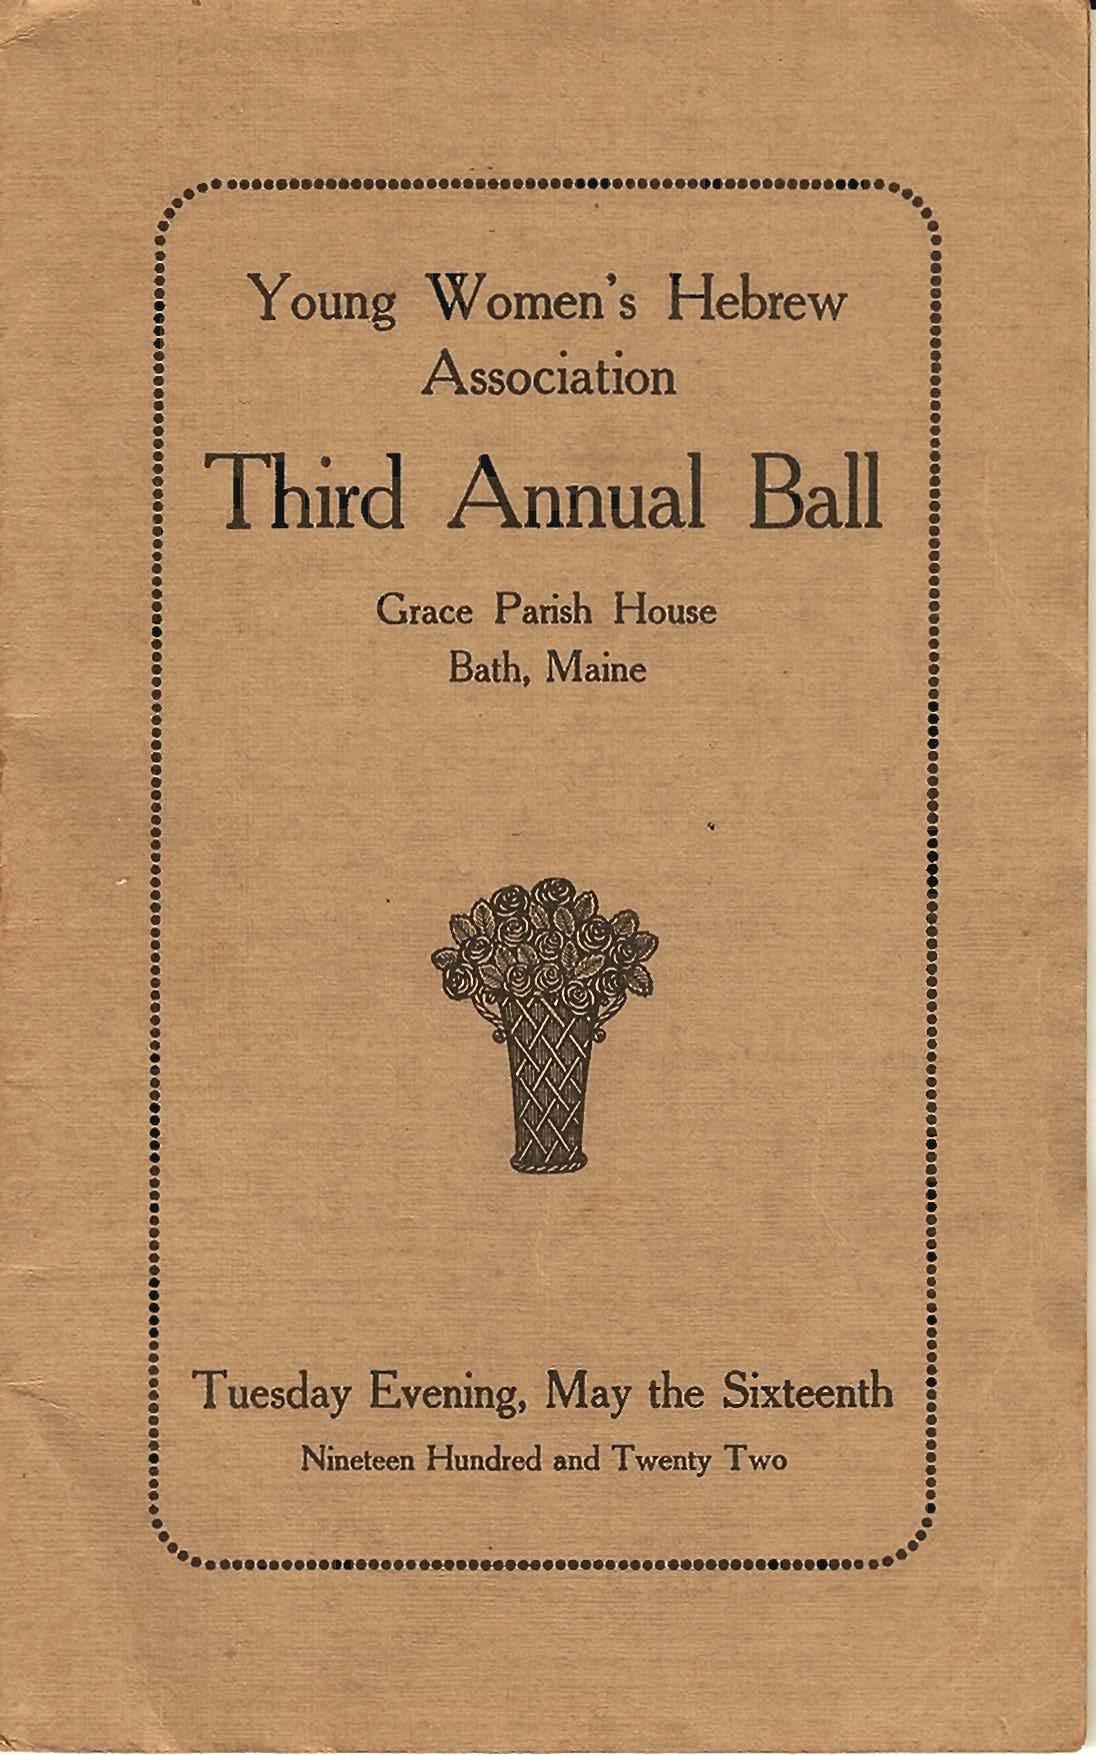 YWHA Third Annual Ball (1922)_Page_1.jpg